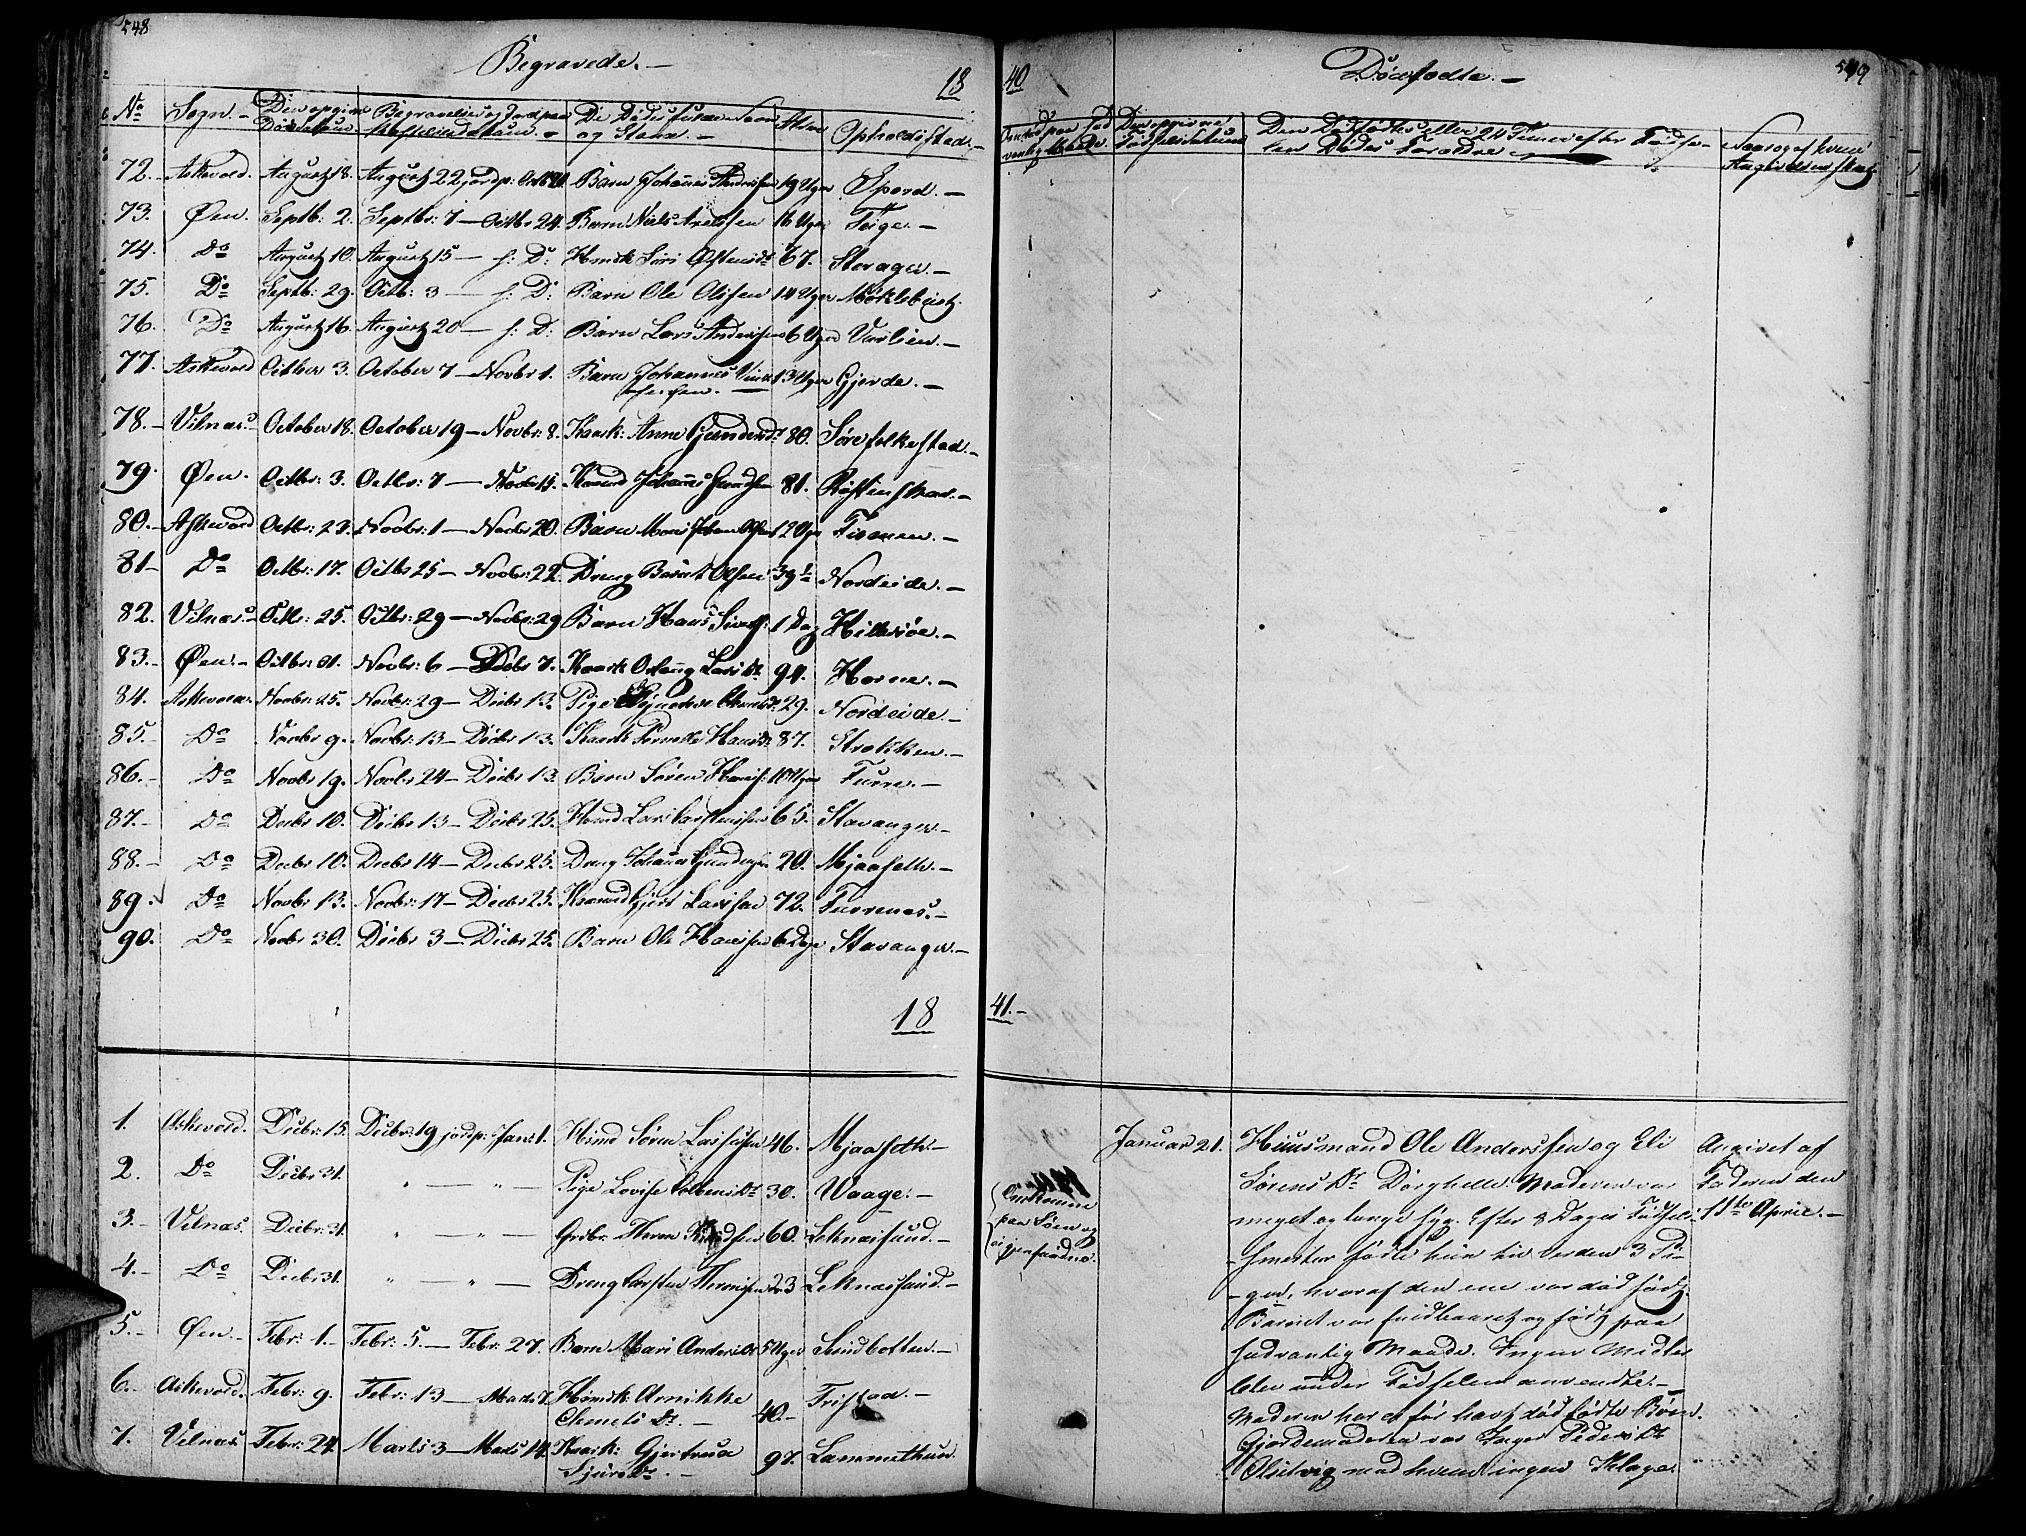 SAB, Askvoll Sokneprestembete, Ministerialbok nr. A 10, 1821-1844, s. 548-549